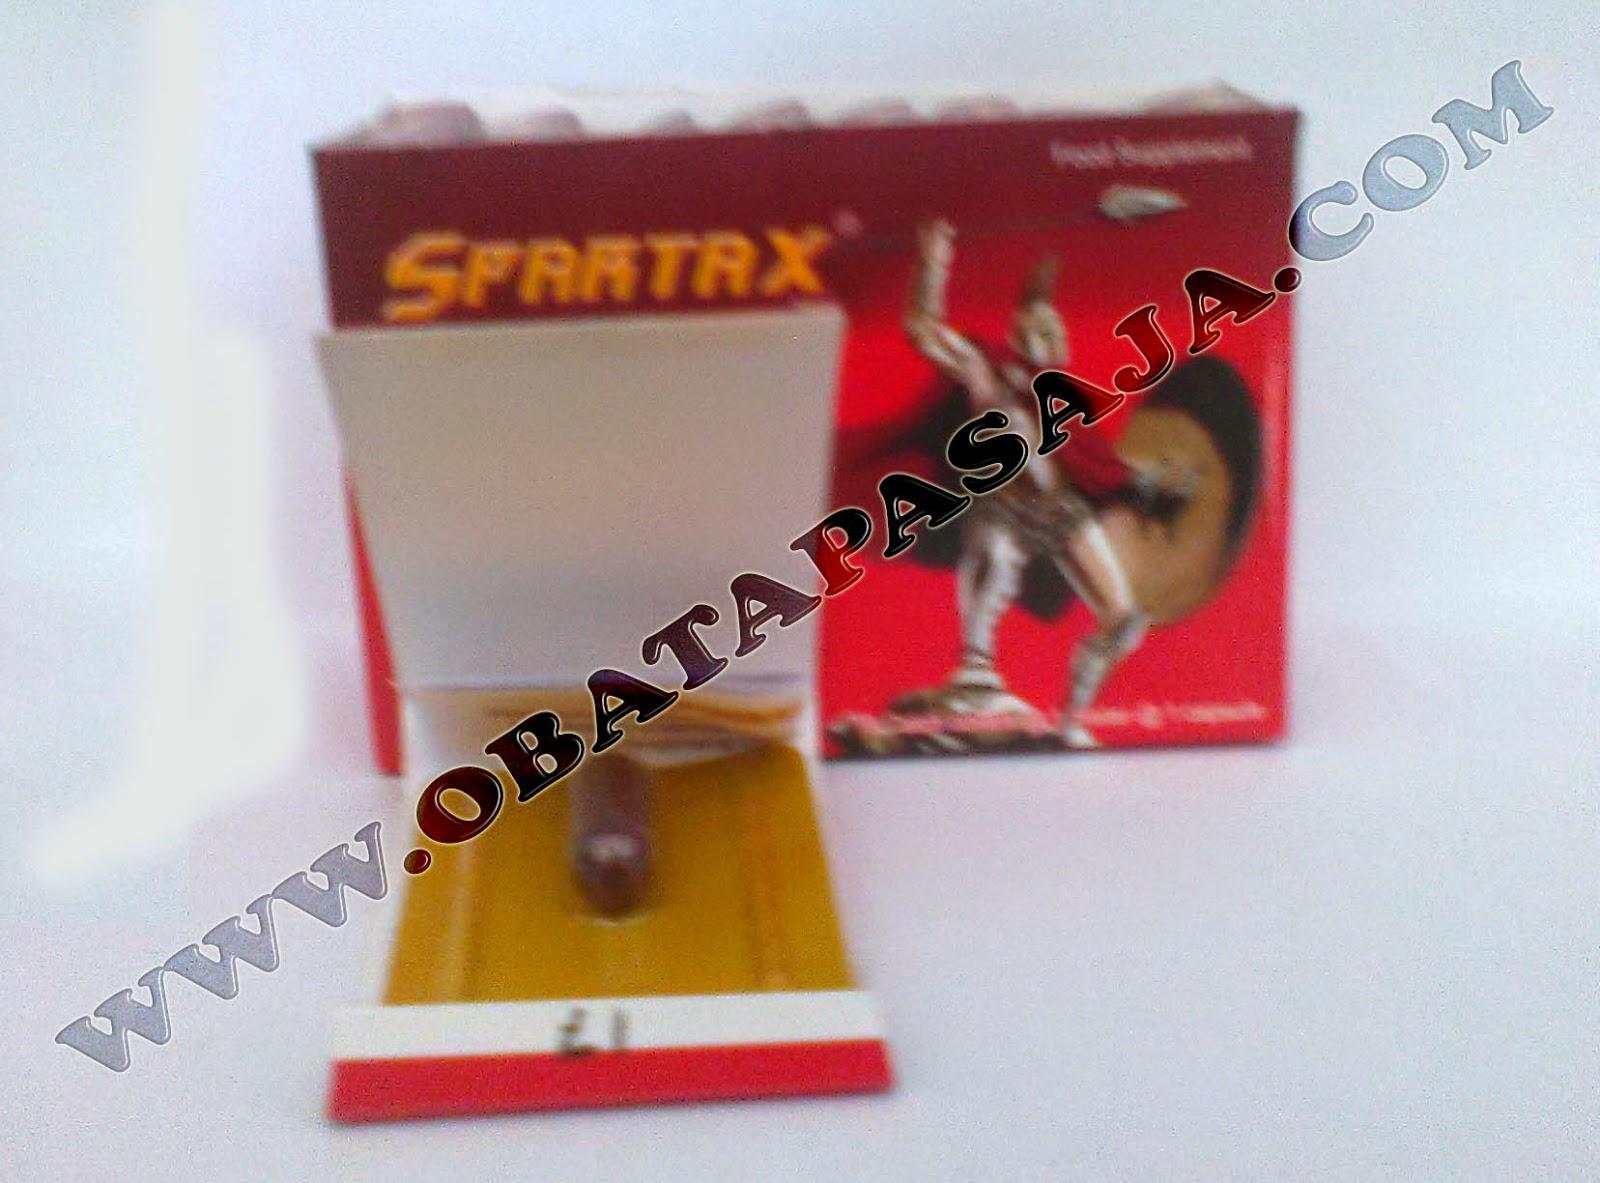 Manfaat Spartax untuk Pria